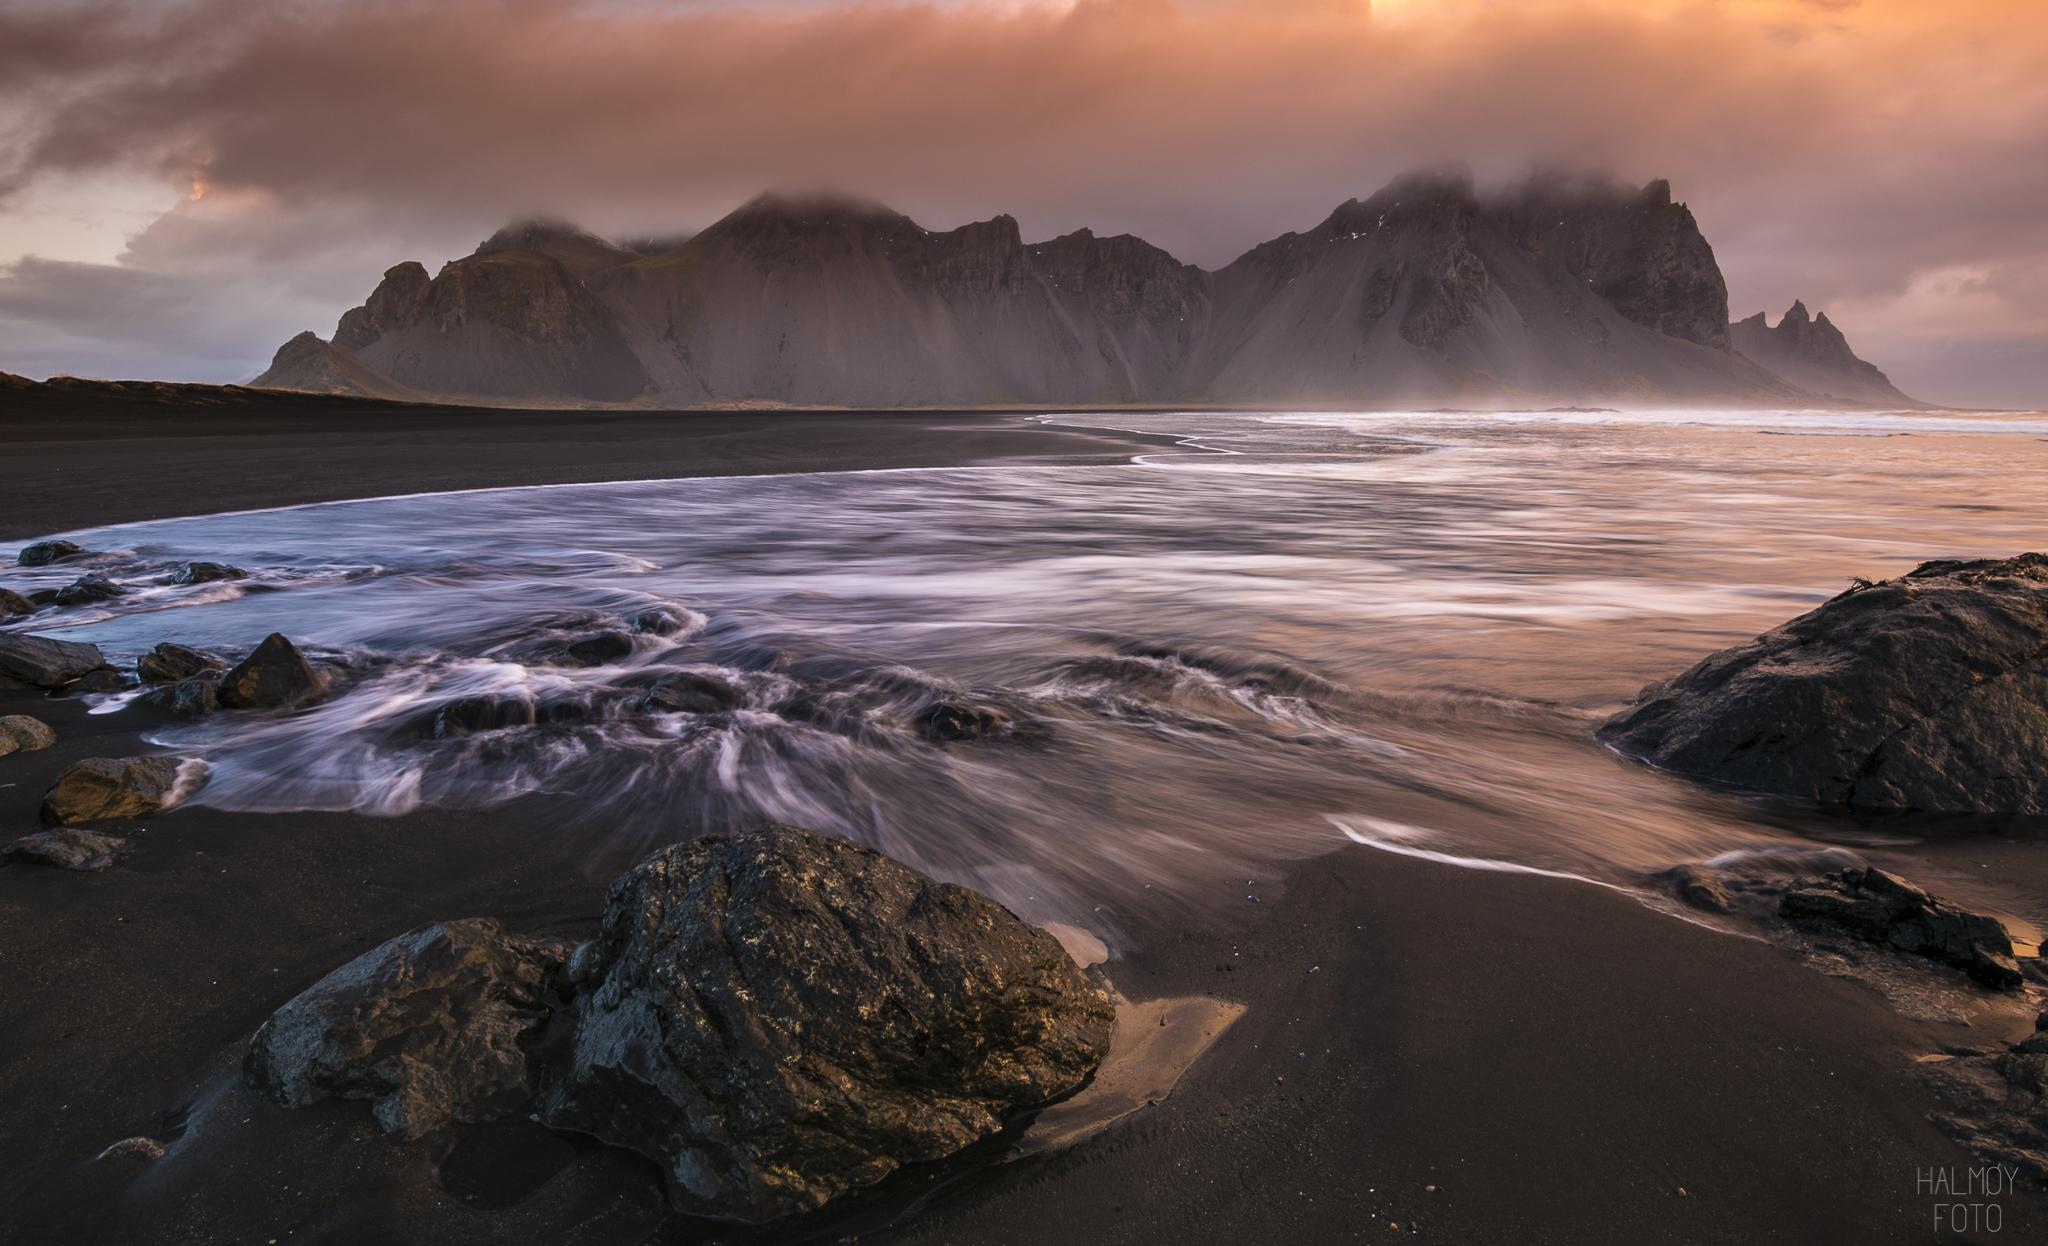 Det er kanskje ikke så rart at jeg blei helt forelska i Island.